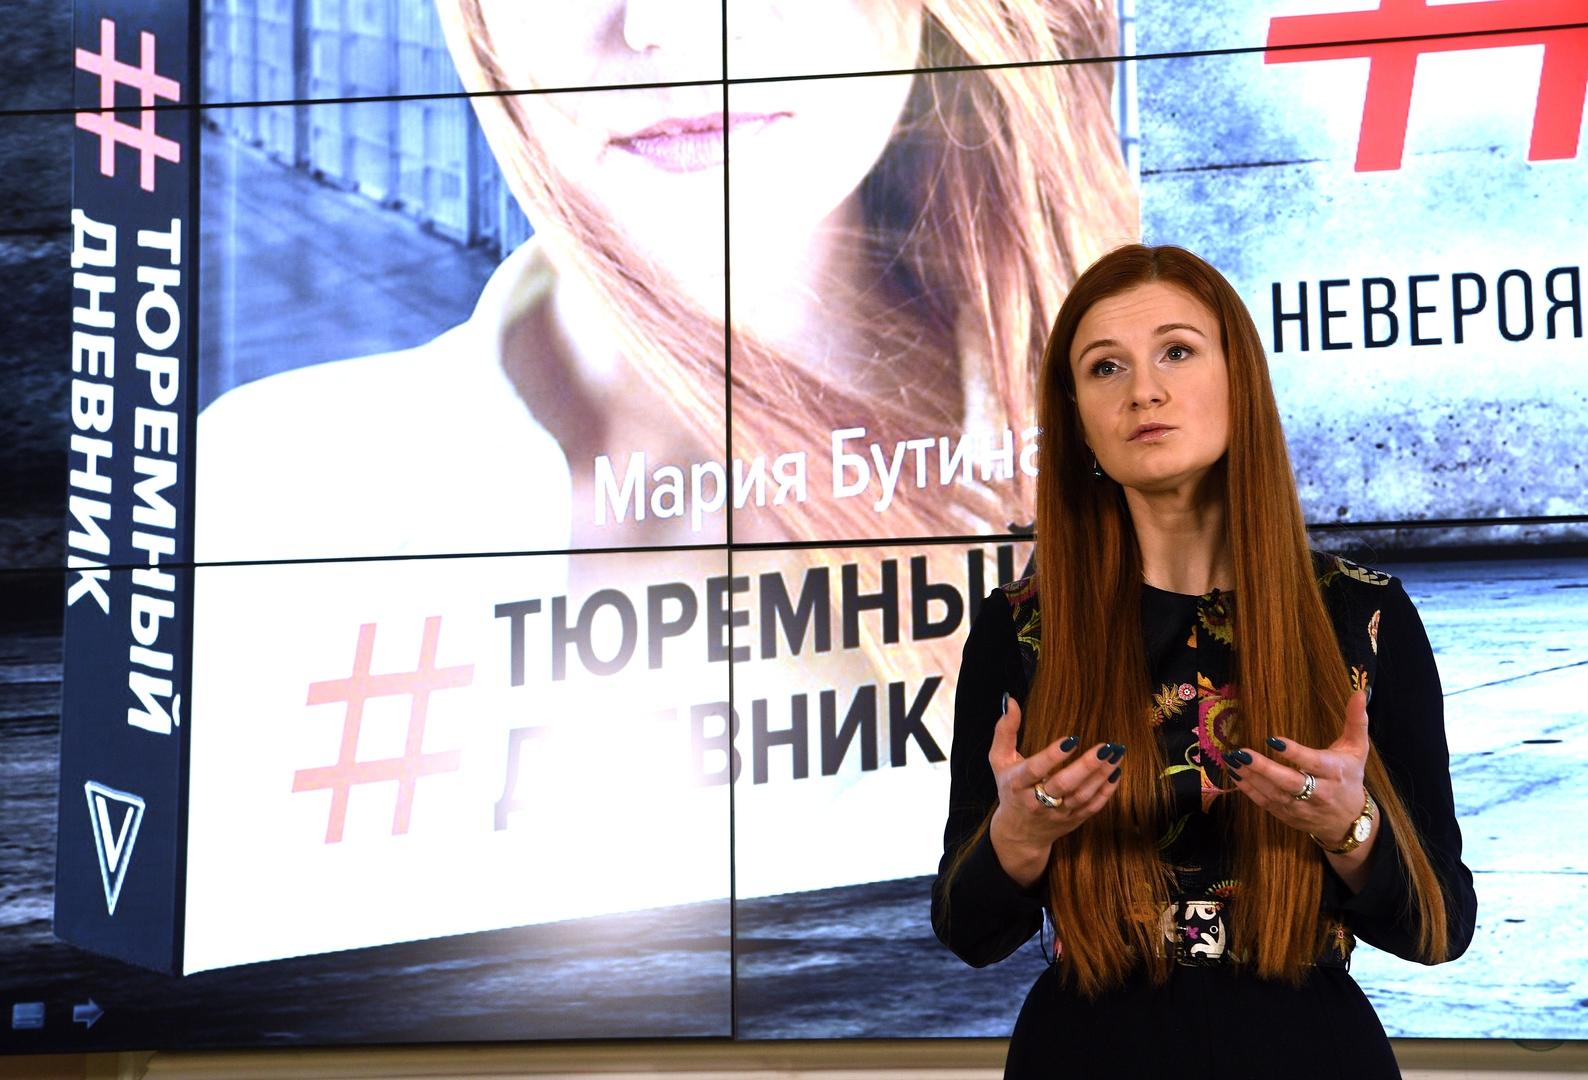 ماريا بوتينا تترأس مشروعا جديدا على قناةRT